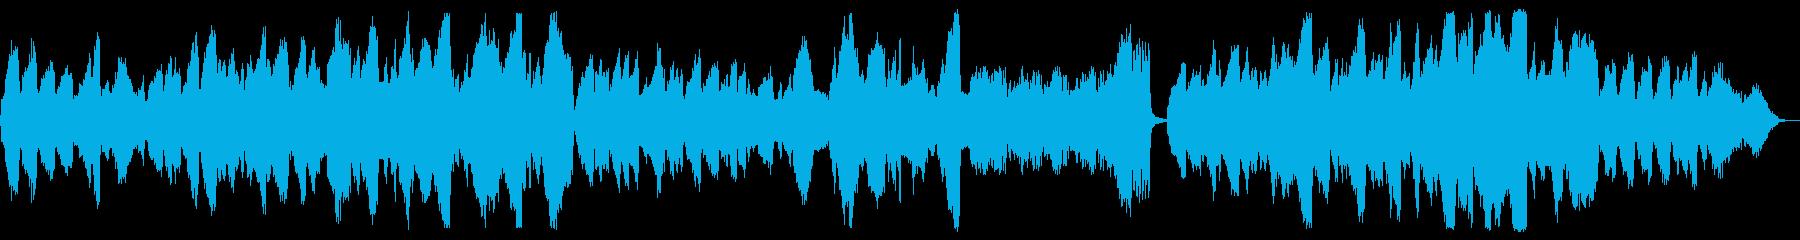 穏やかな弦楽四重奏曲の再生済みの波形